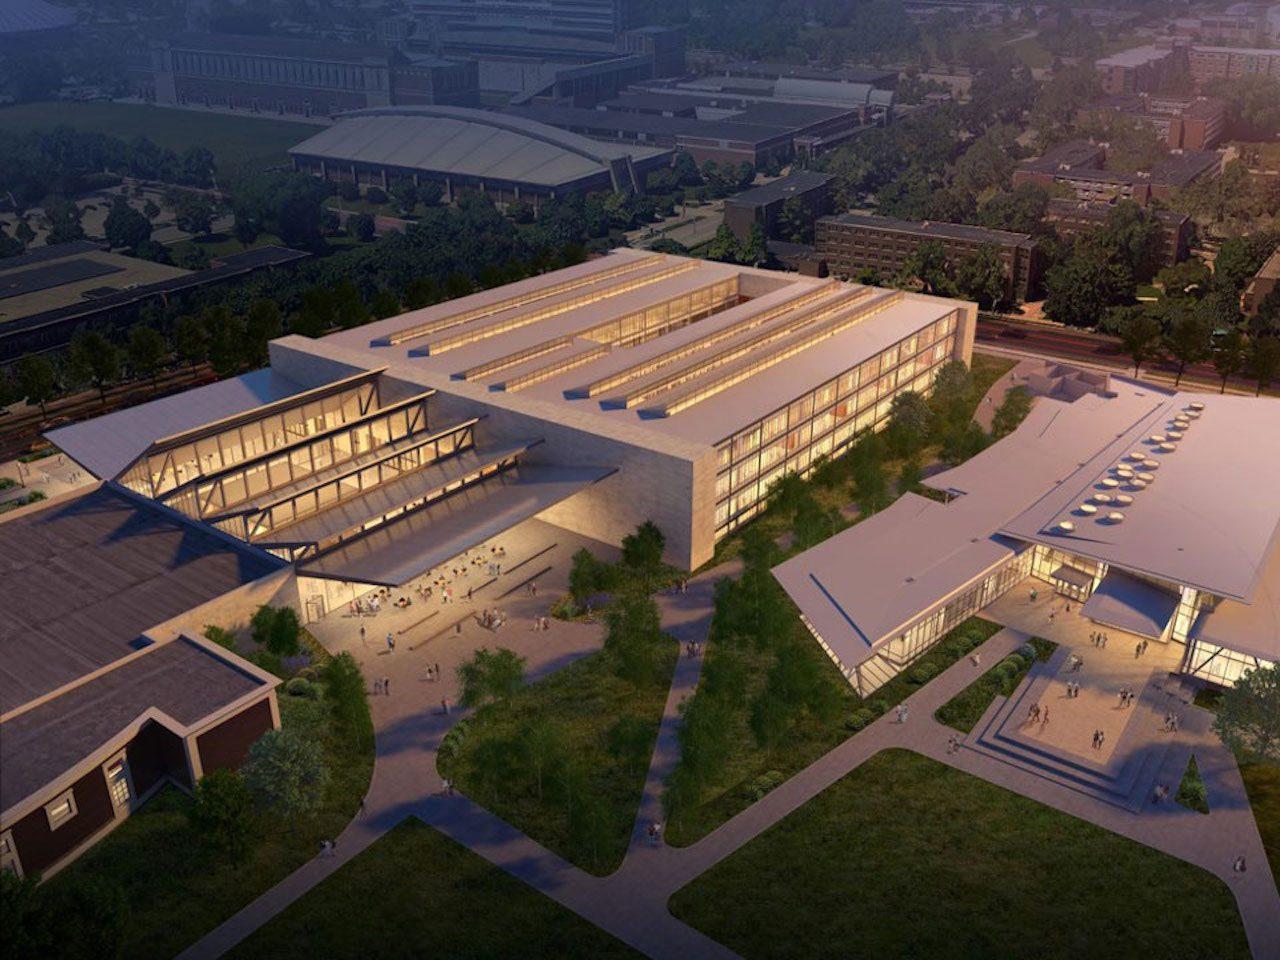 Designer's rendering of proposed expansion of Art & Design Building